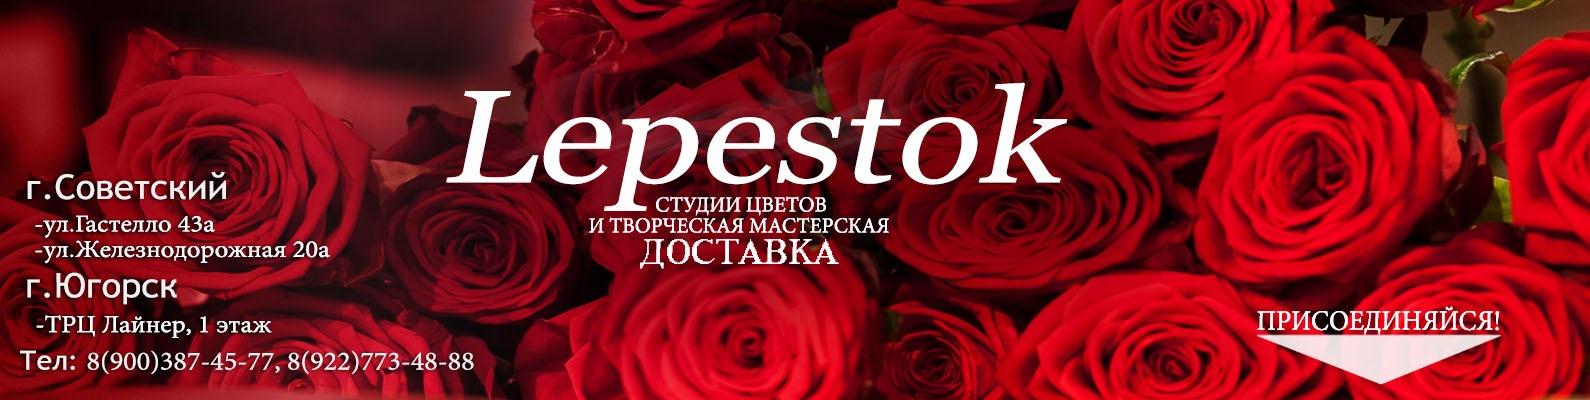 Цветы доставка югорск, заказ цветов в обнинске с доставкой